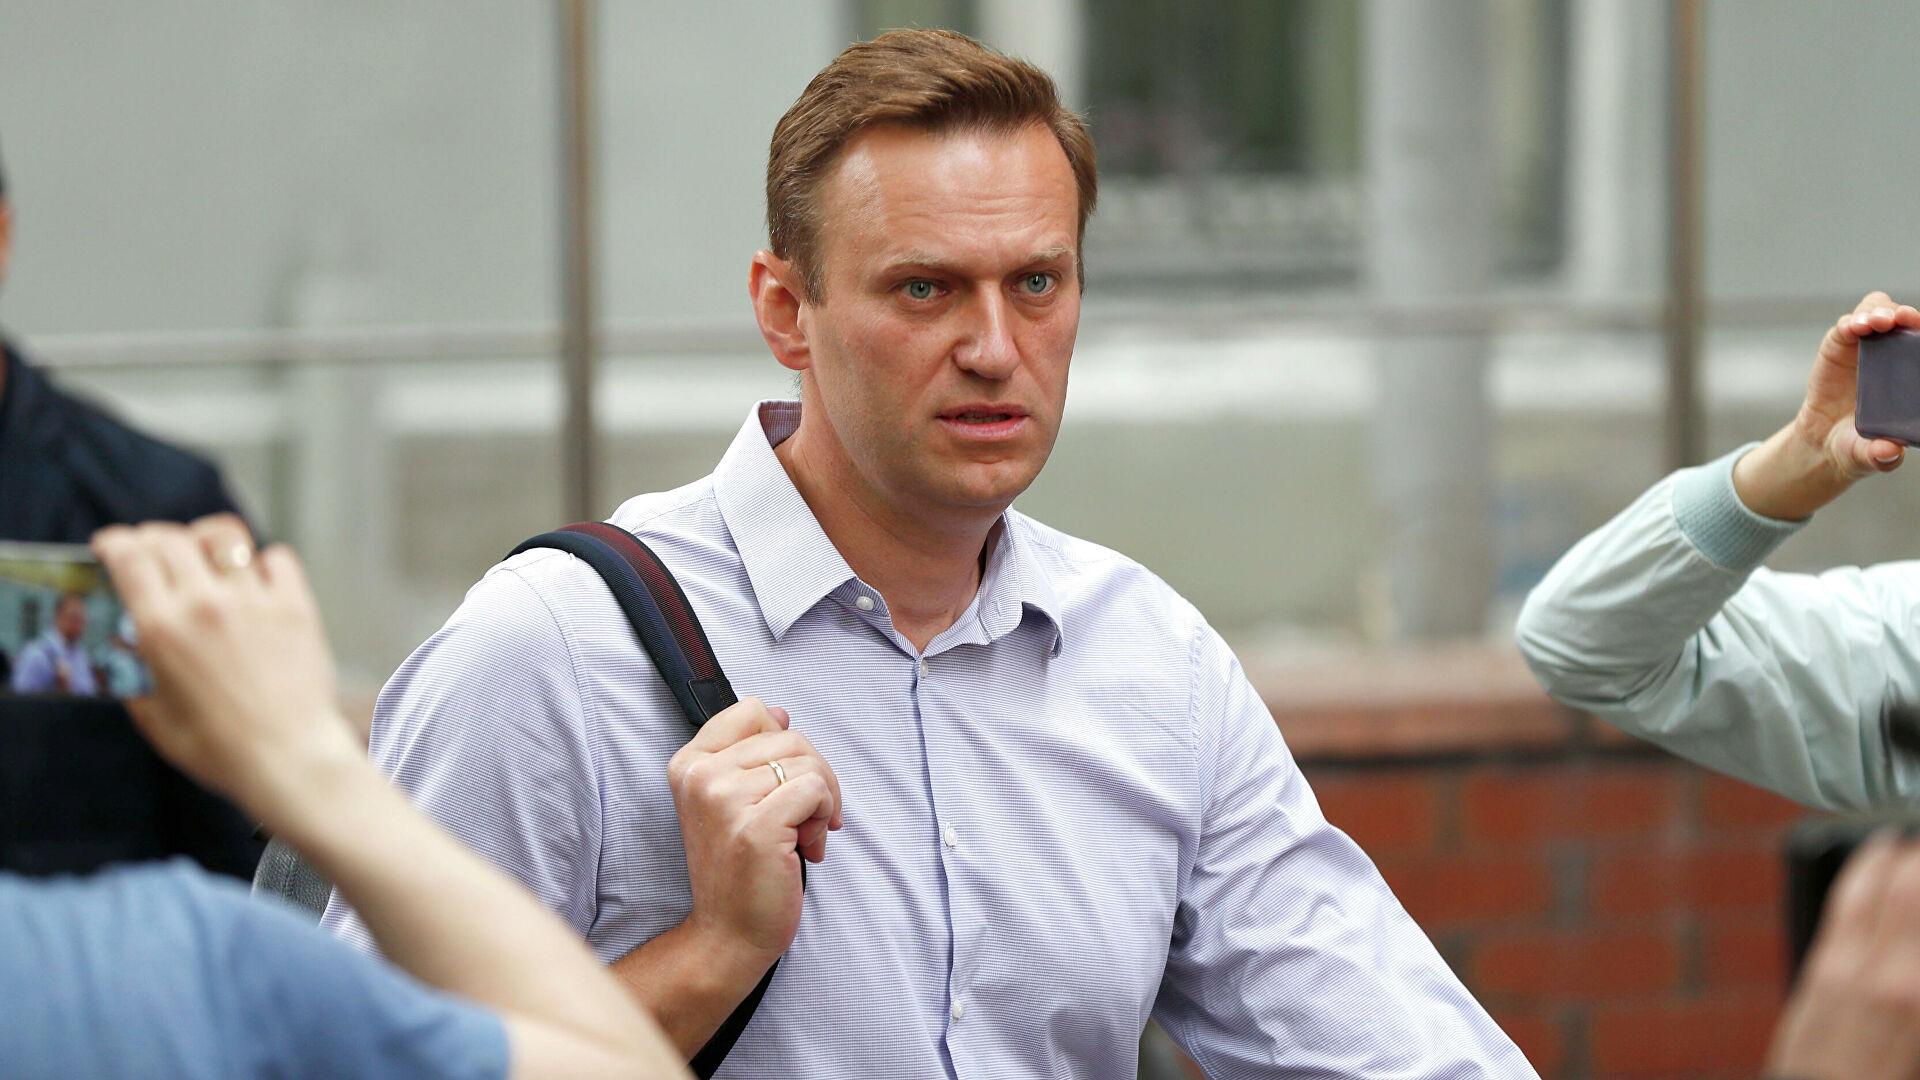 Следственный комитет открыл дело против Навального